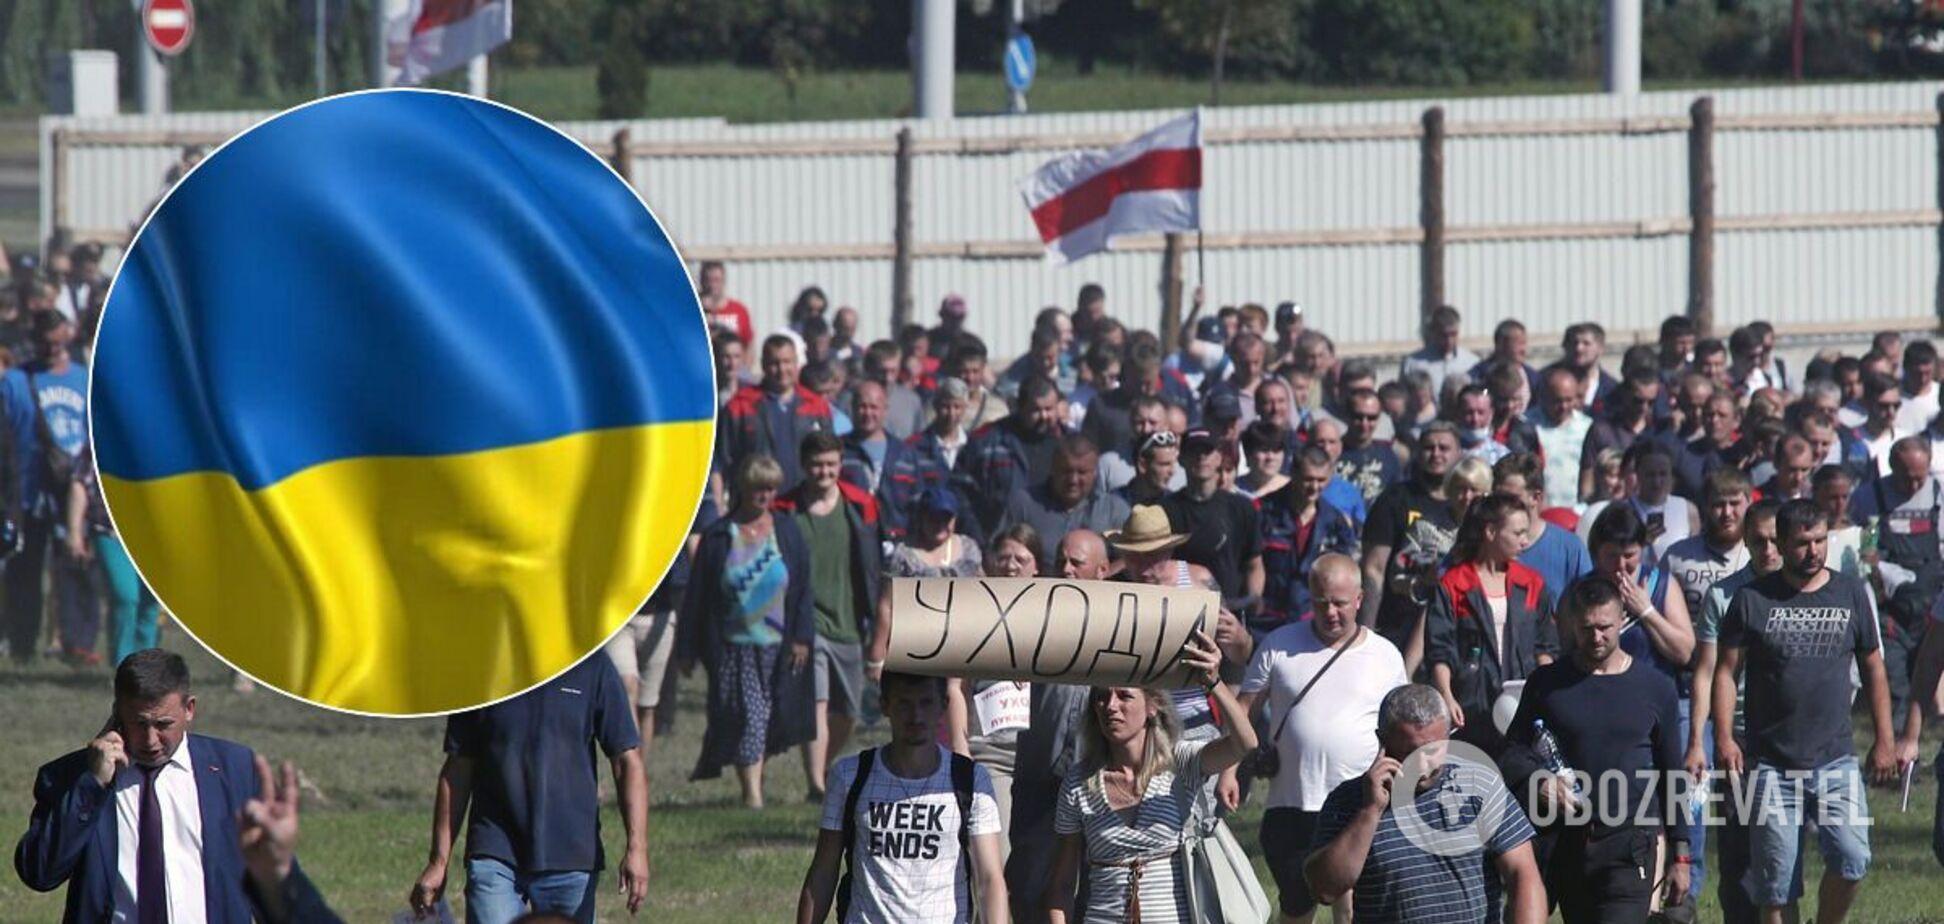 Україна має заявити про невизнання виборів у Білорусі?